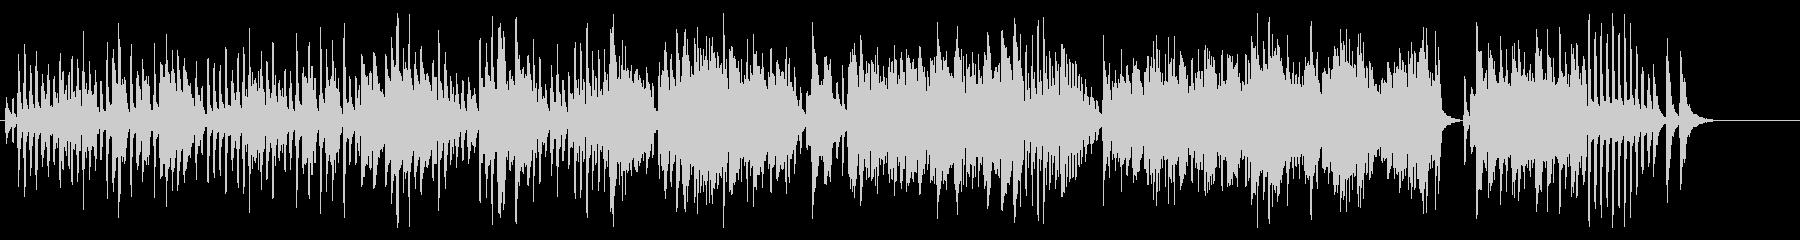 トマ作曲のガヴォットをヴァイオリンでの未再生の波形